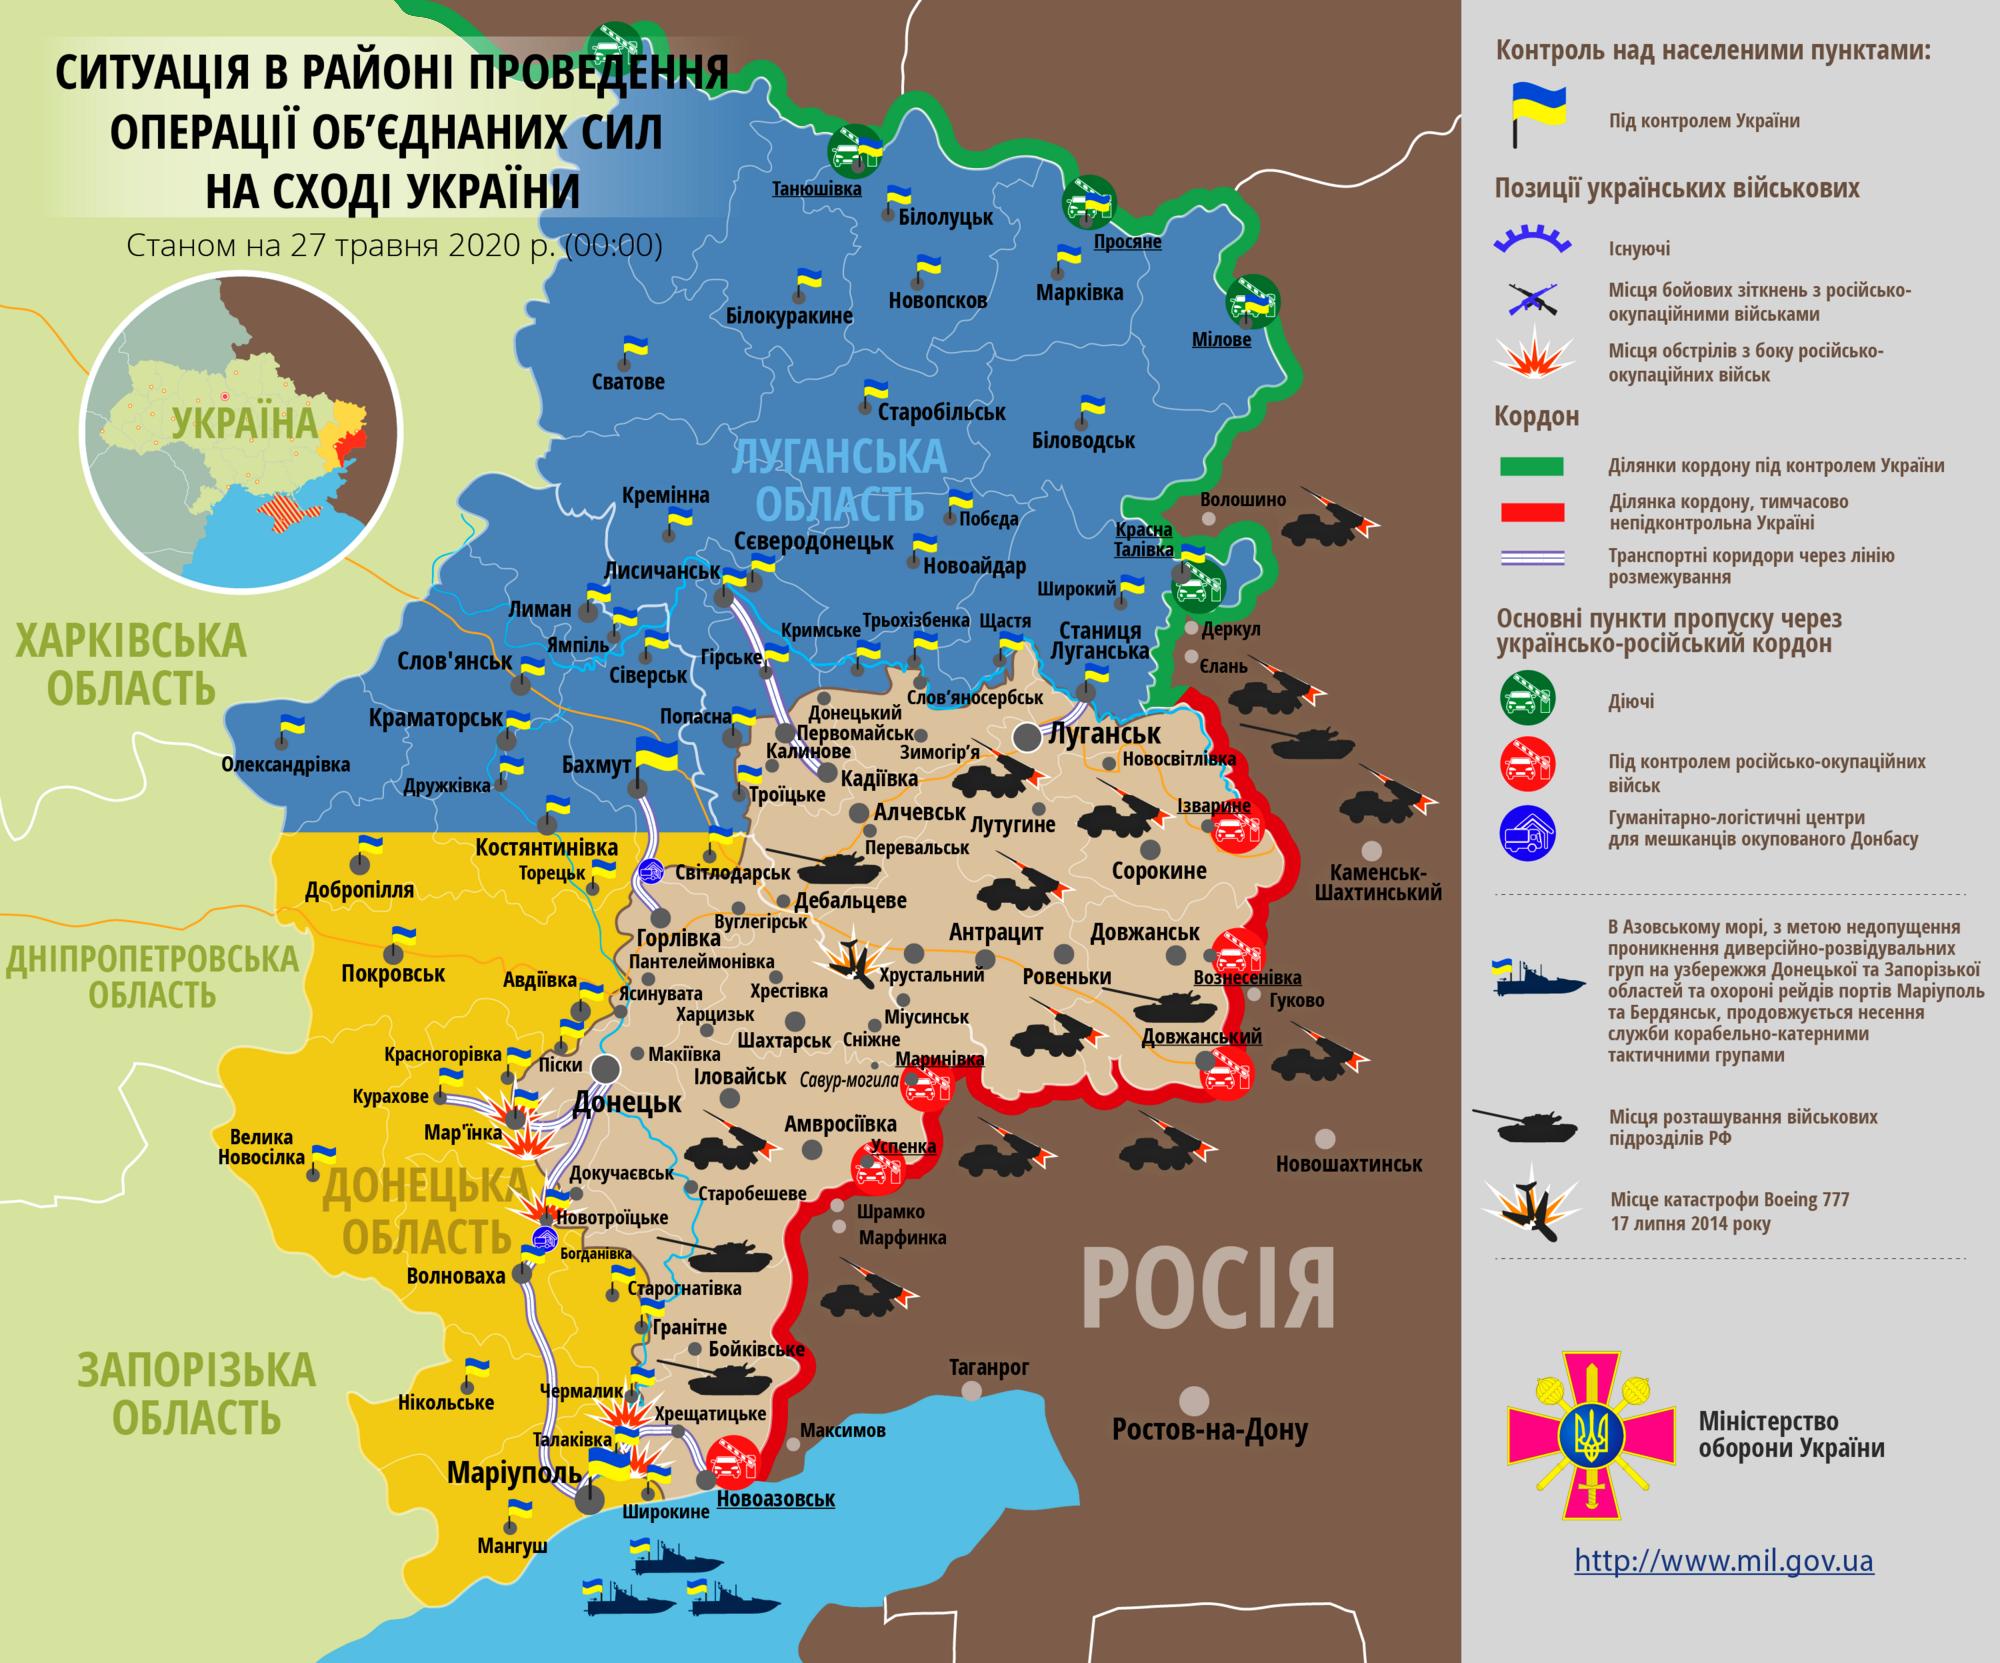 Ситуация в зоне проведения ООС на Донбассе 27 мая